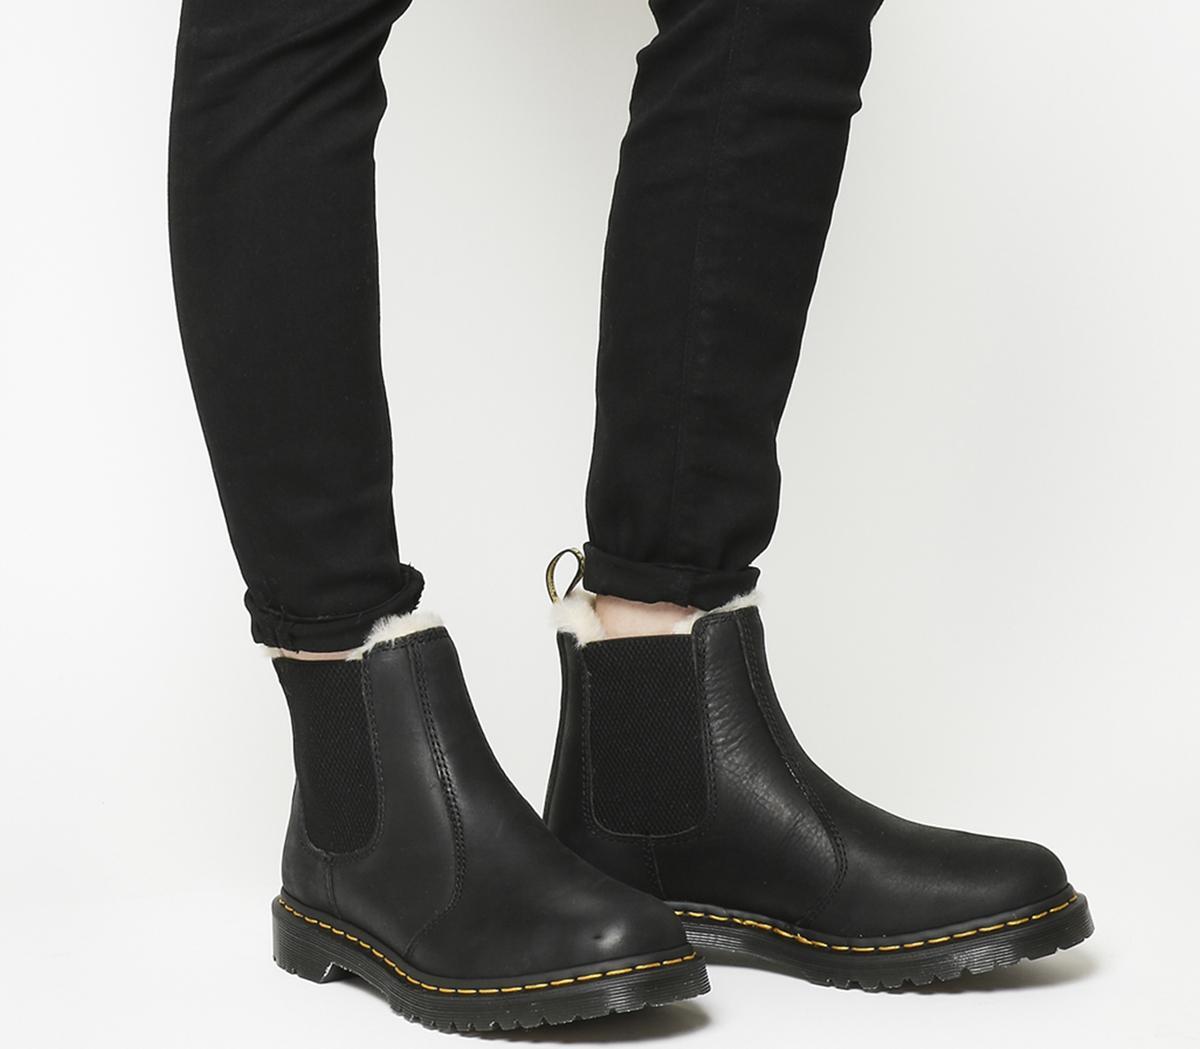 Dr. Martens Leonore Boots Black